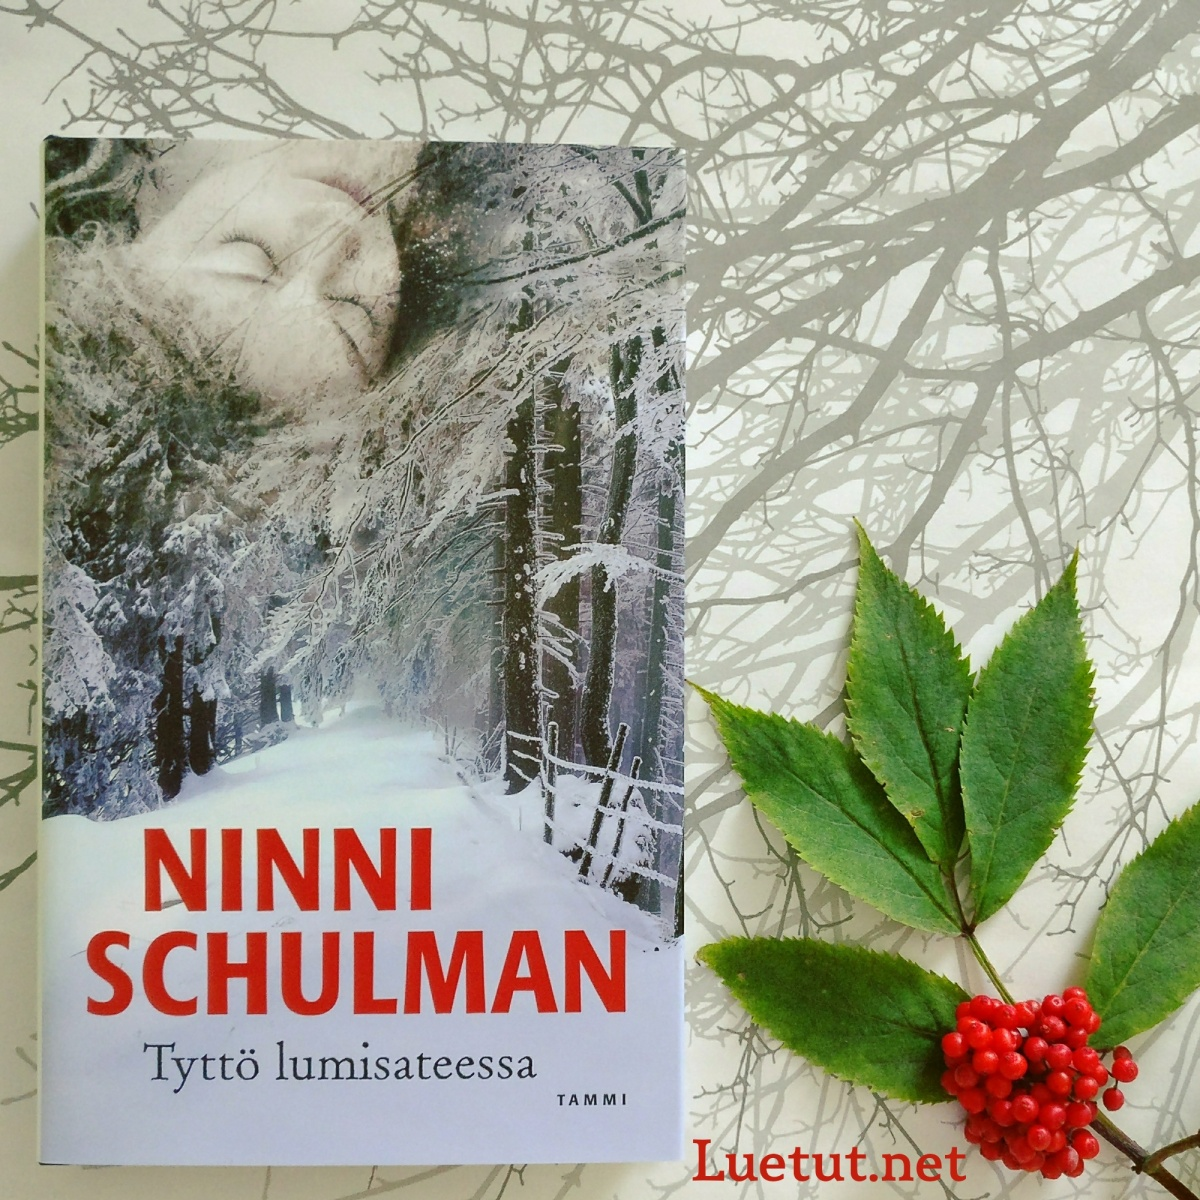 Ninni Schulman: Tyttö lumisateessa